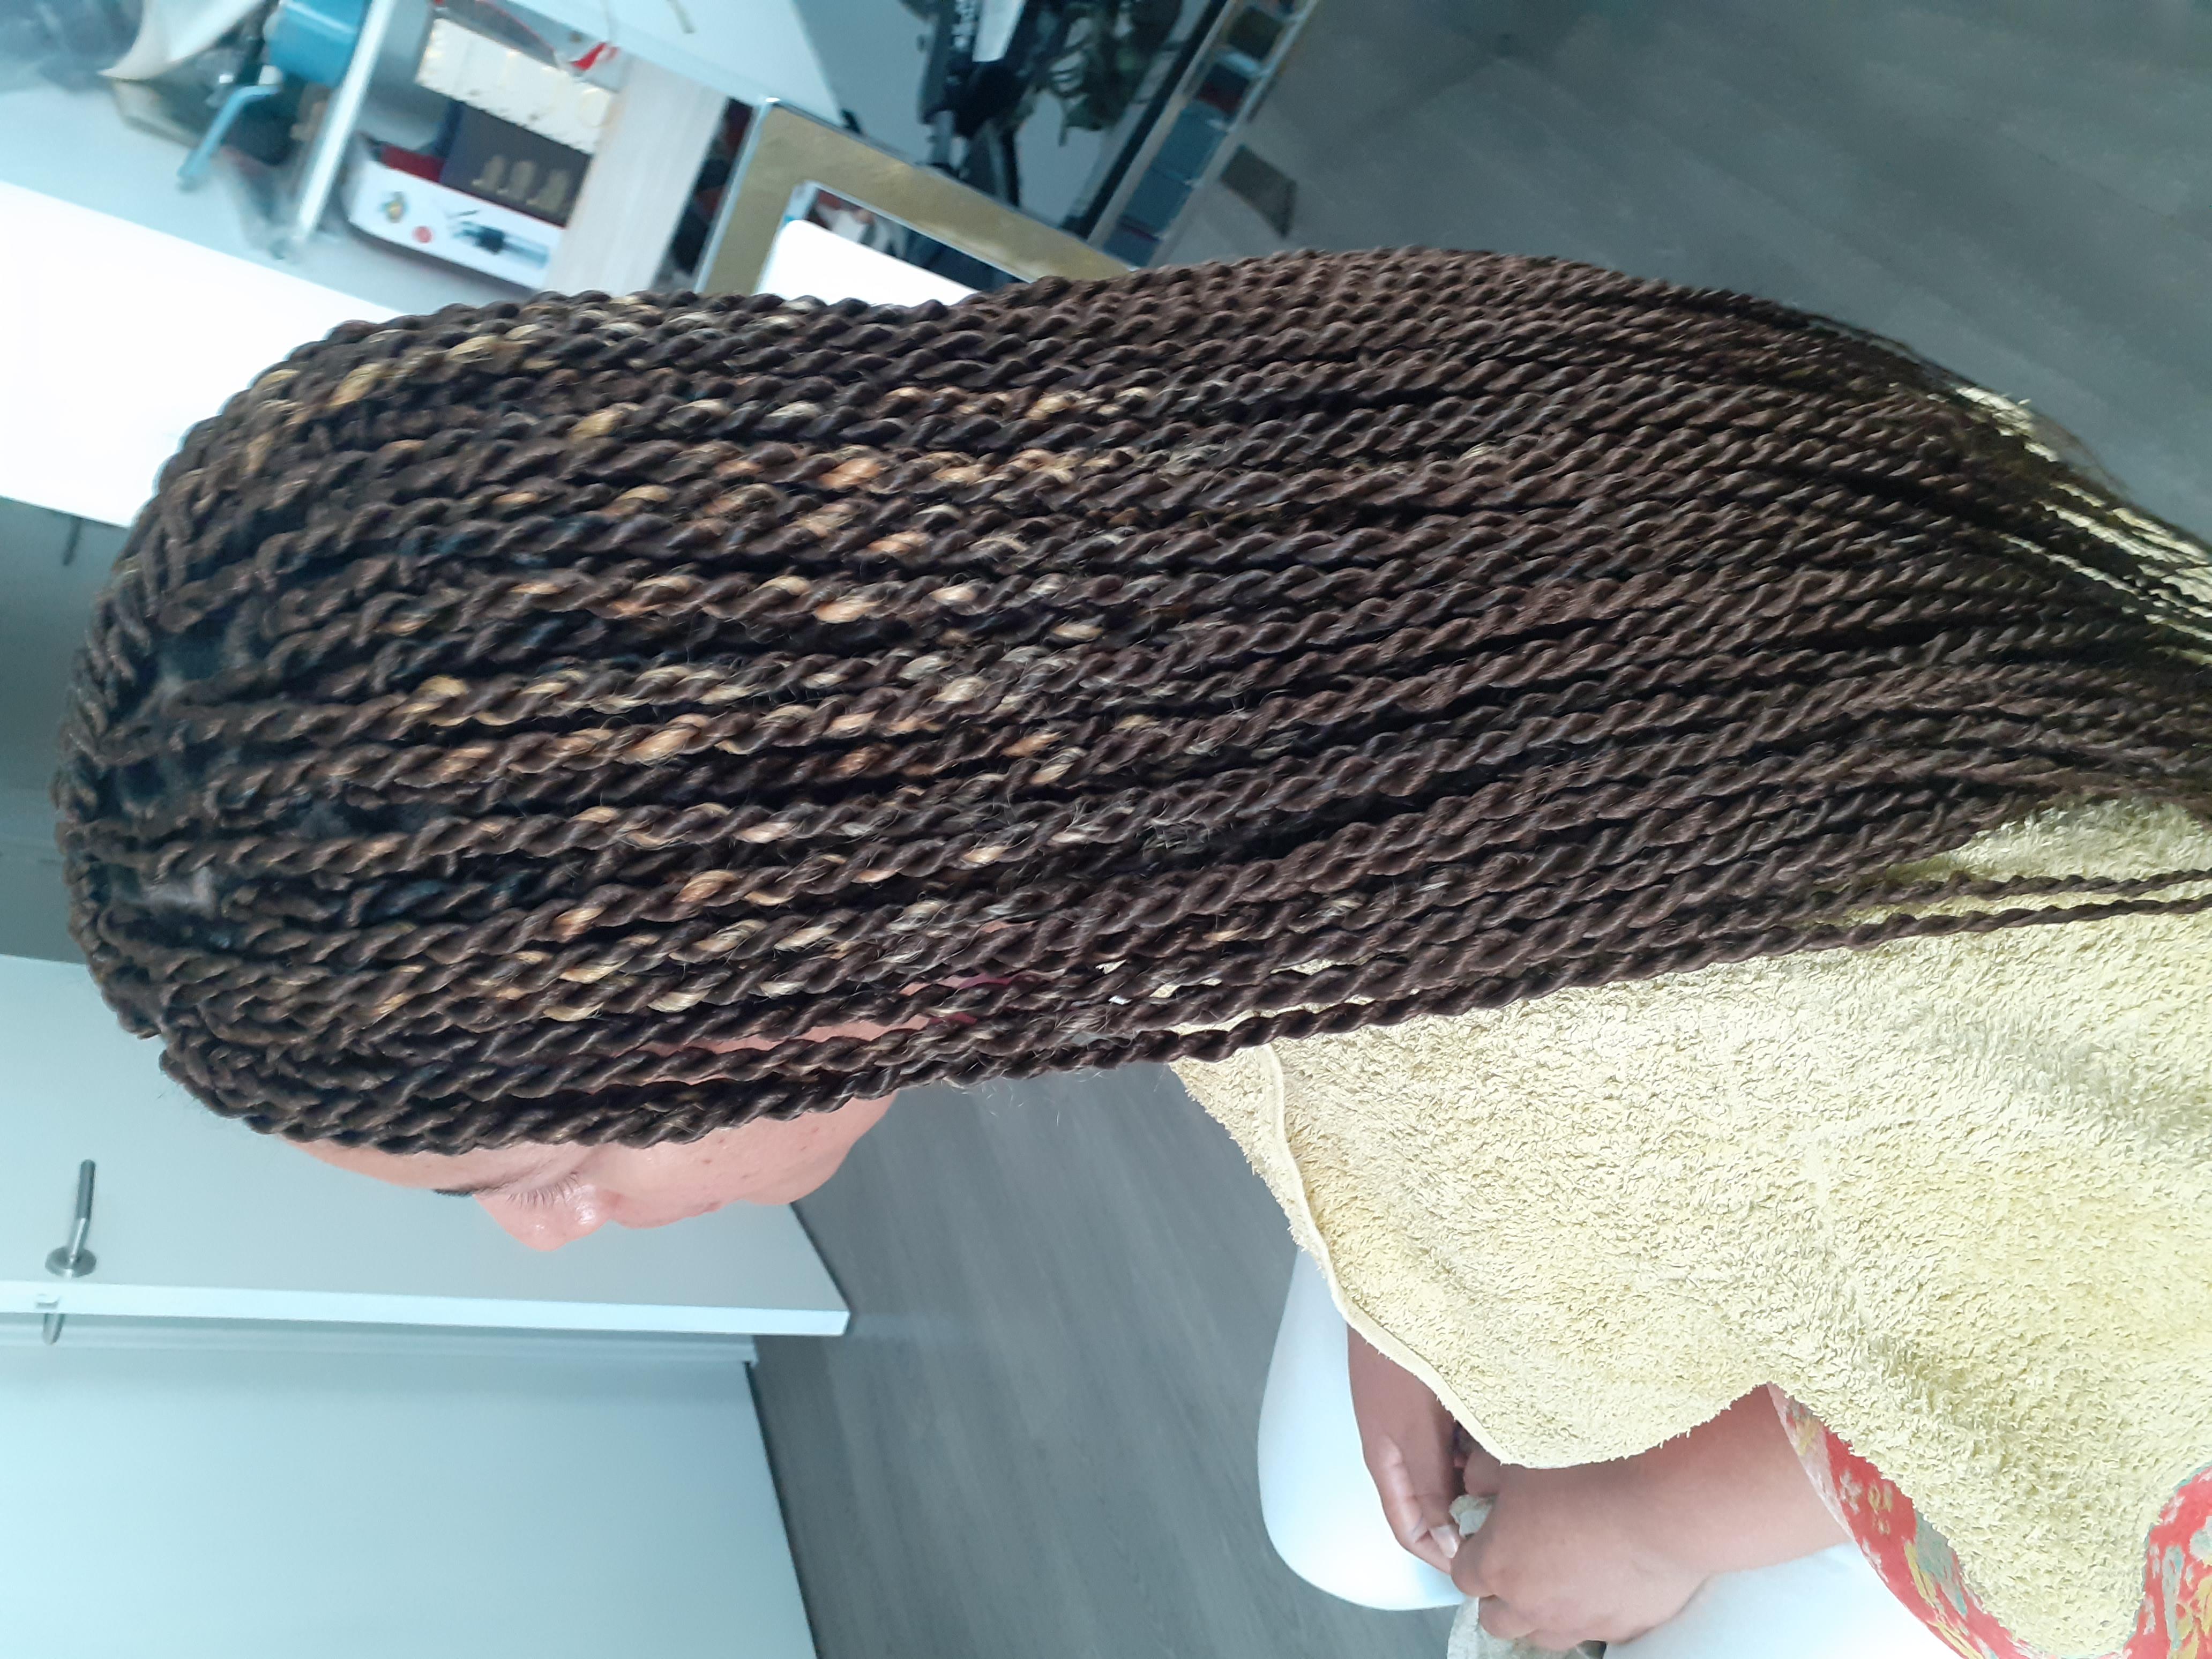 salon de coiffure afro tresse tresses box braids crochet braids vanilles tissages paris 75 77 78 91 92 93 94 95 TZGVJDZM